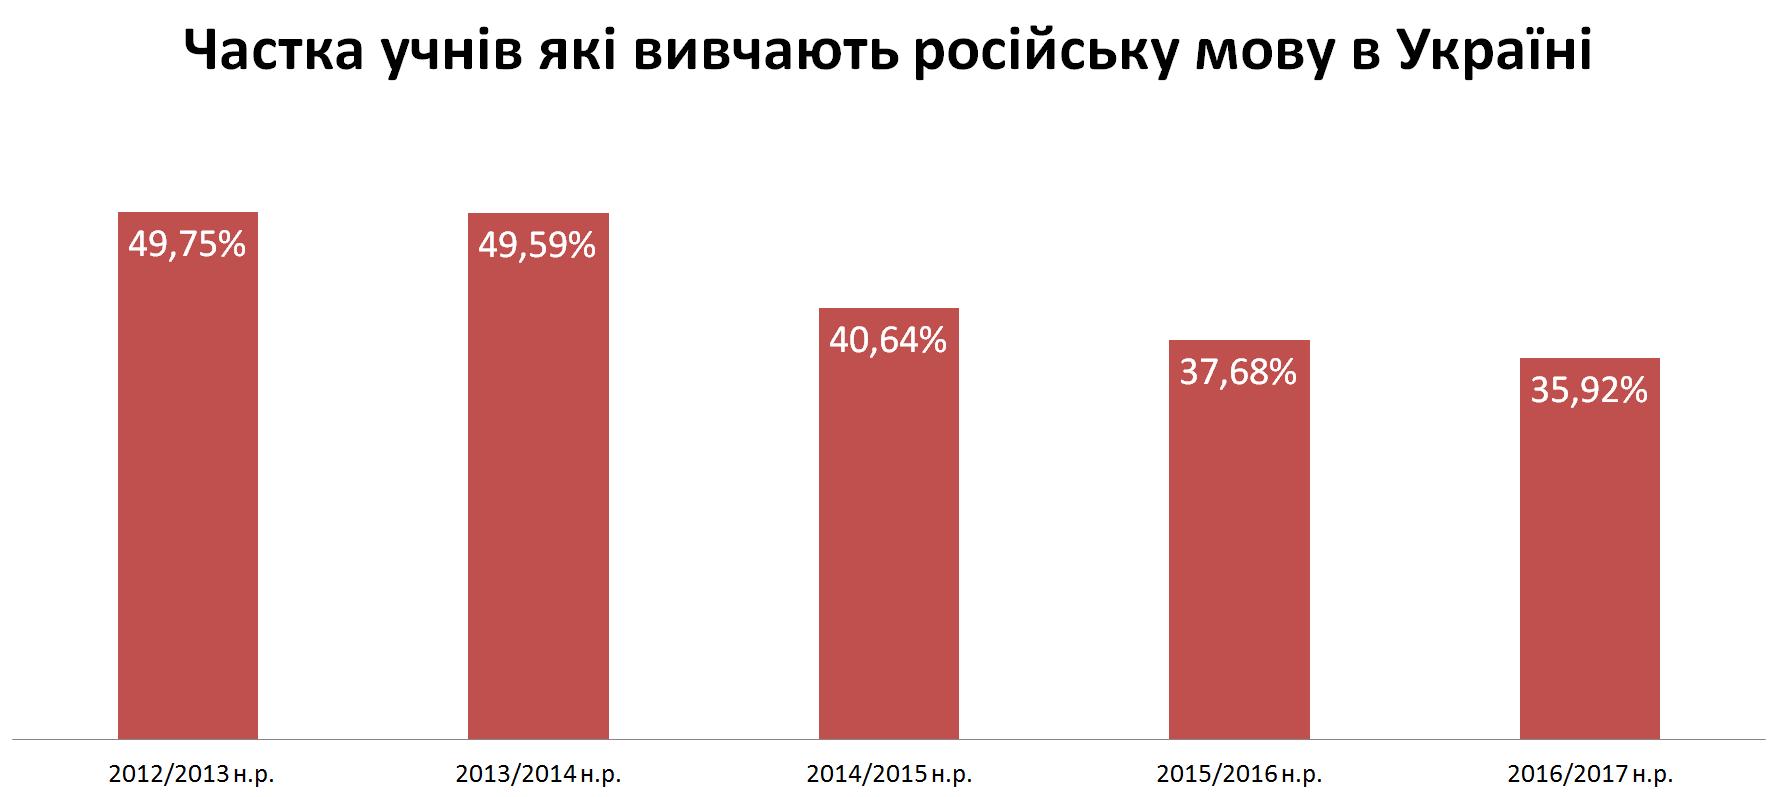 Частка учнів які вивчають російську мову в Україні 2016-2017 н.р.